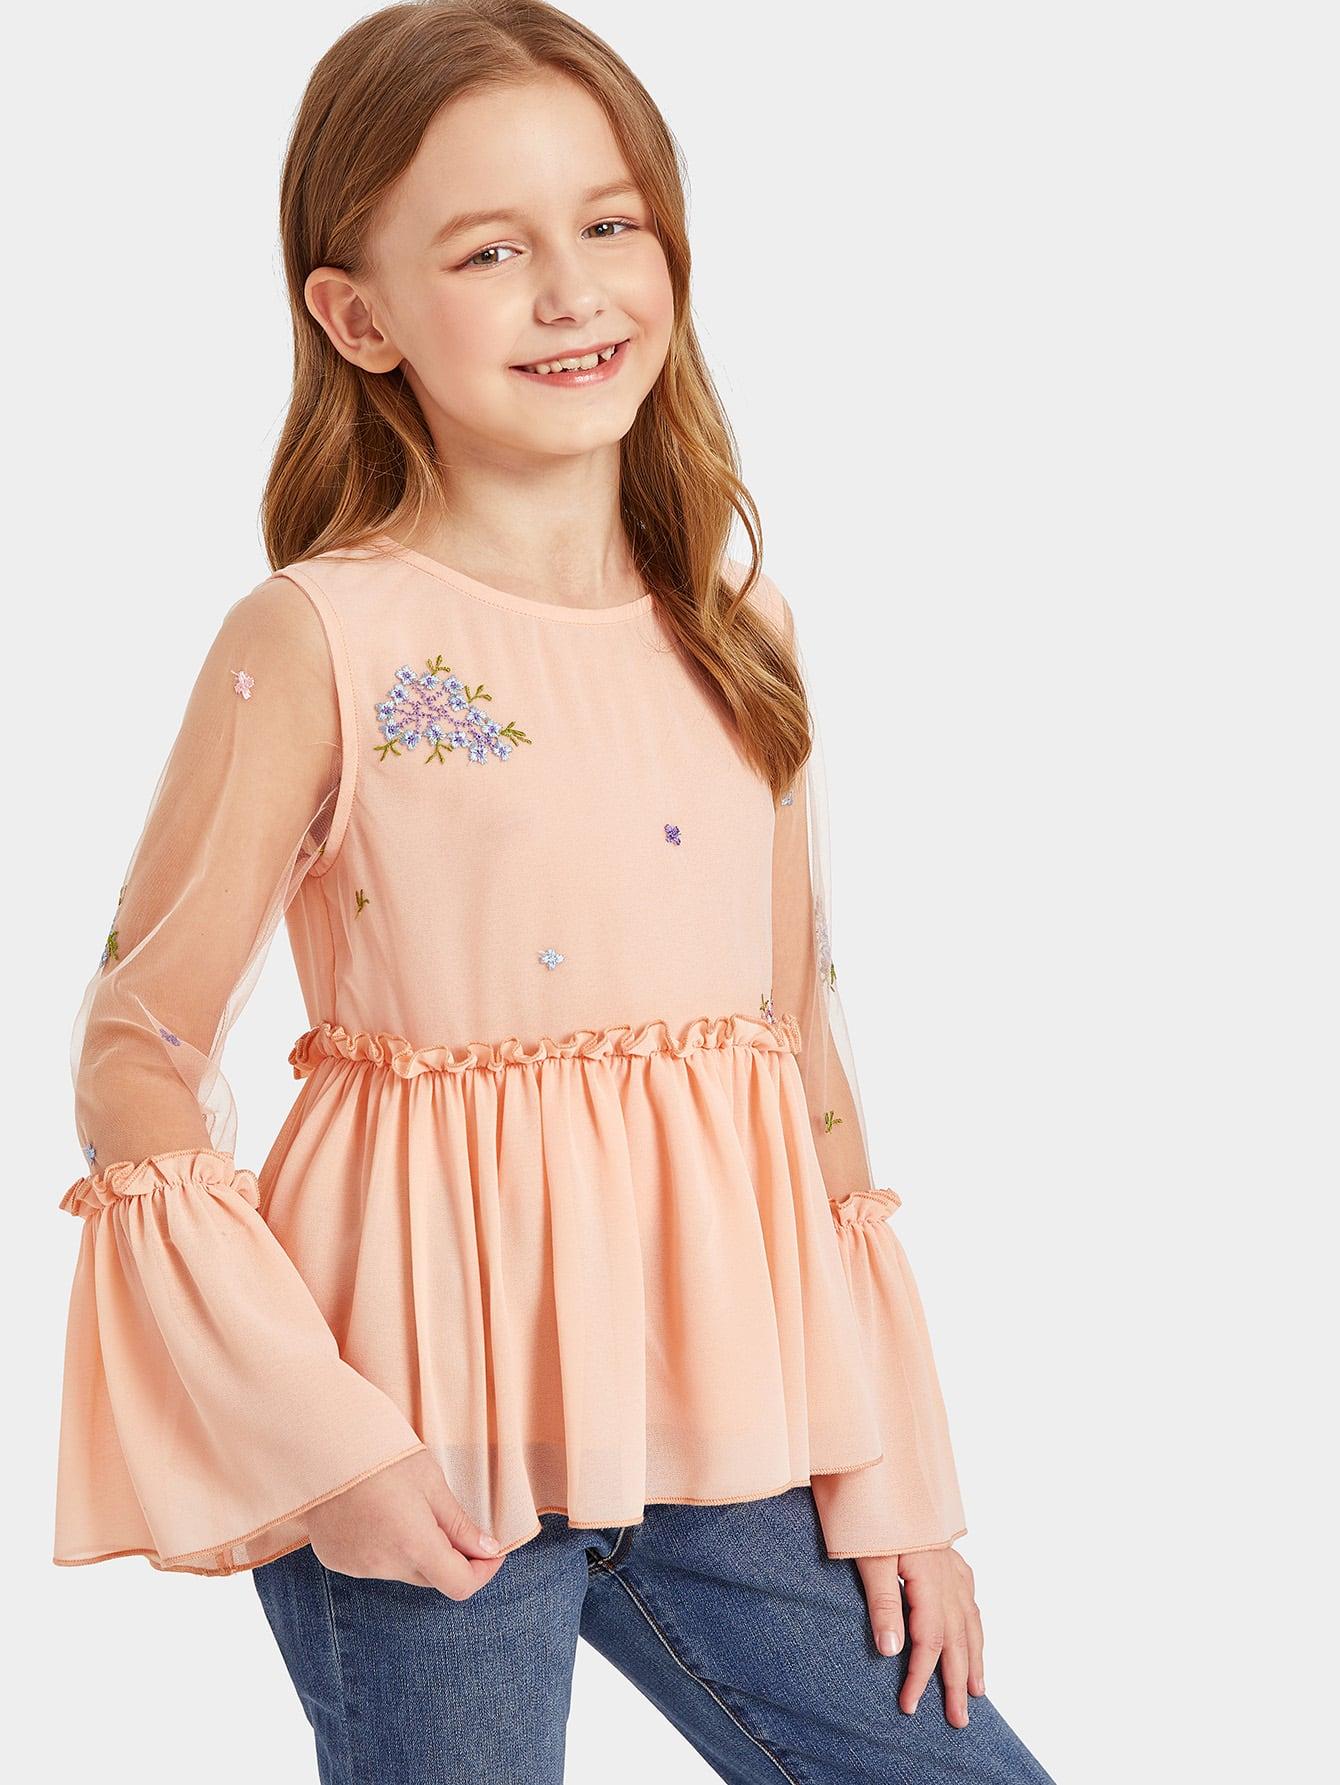 Купить Топ с сетчатыми рукавами и цветочной вышивкой для девочек, Sashab, SheIn